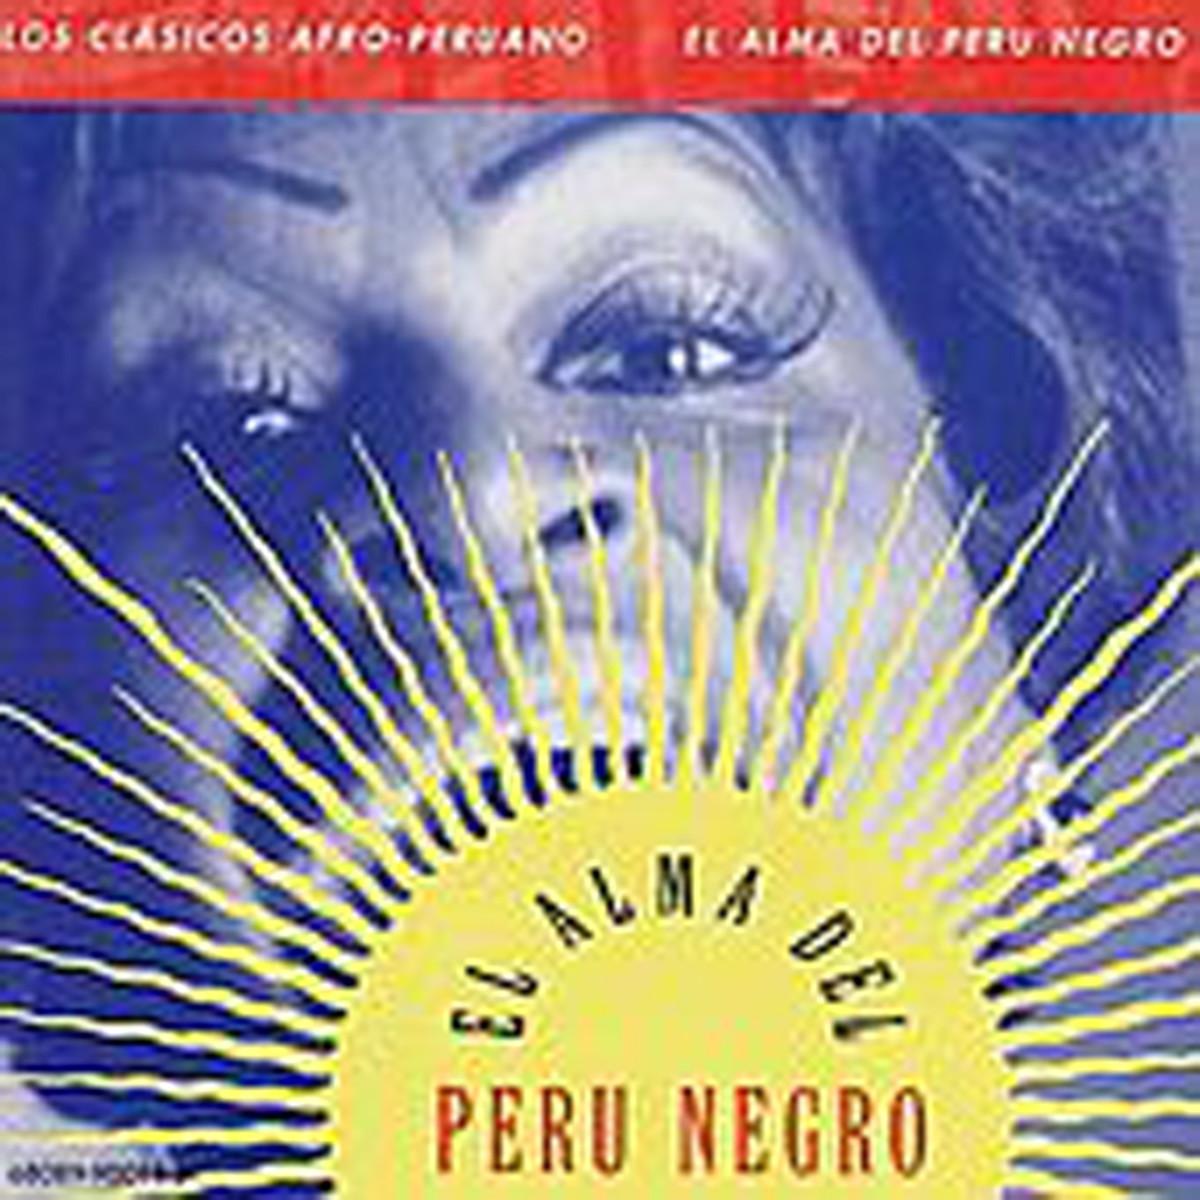 Music of Peru Negro